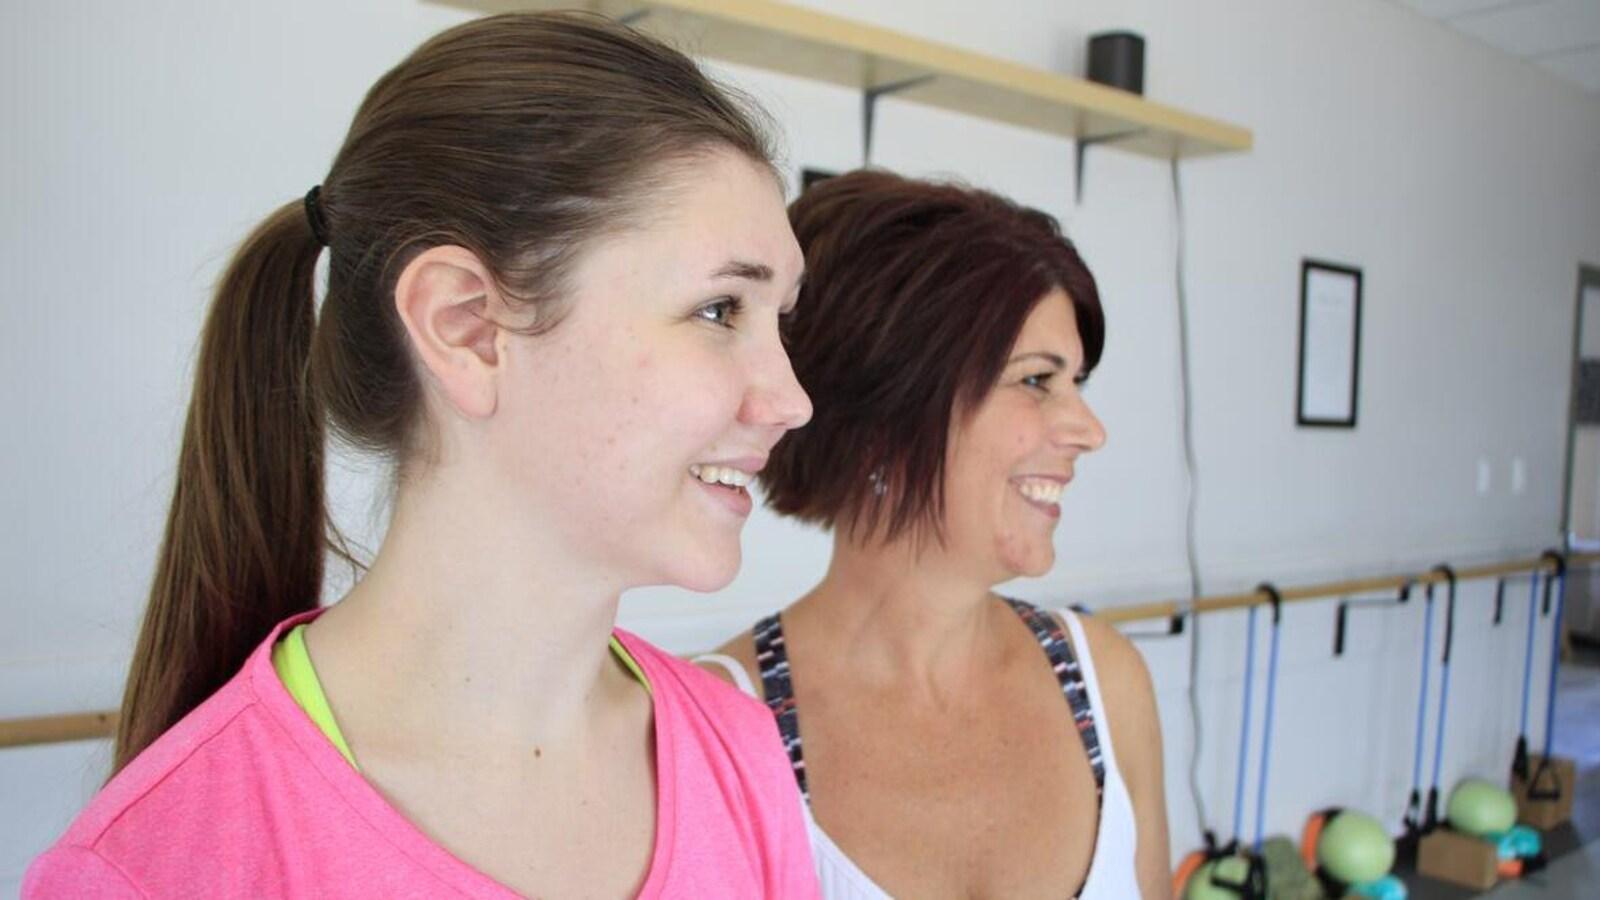 Deux femmes regardent à leur gauche.